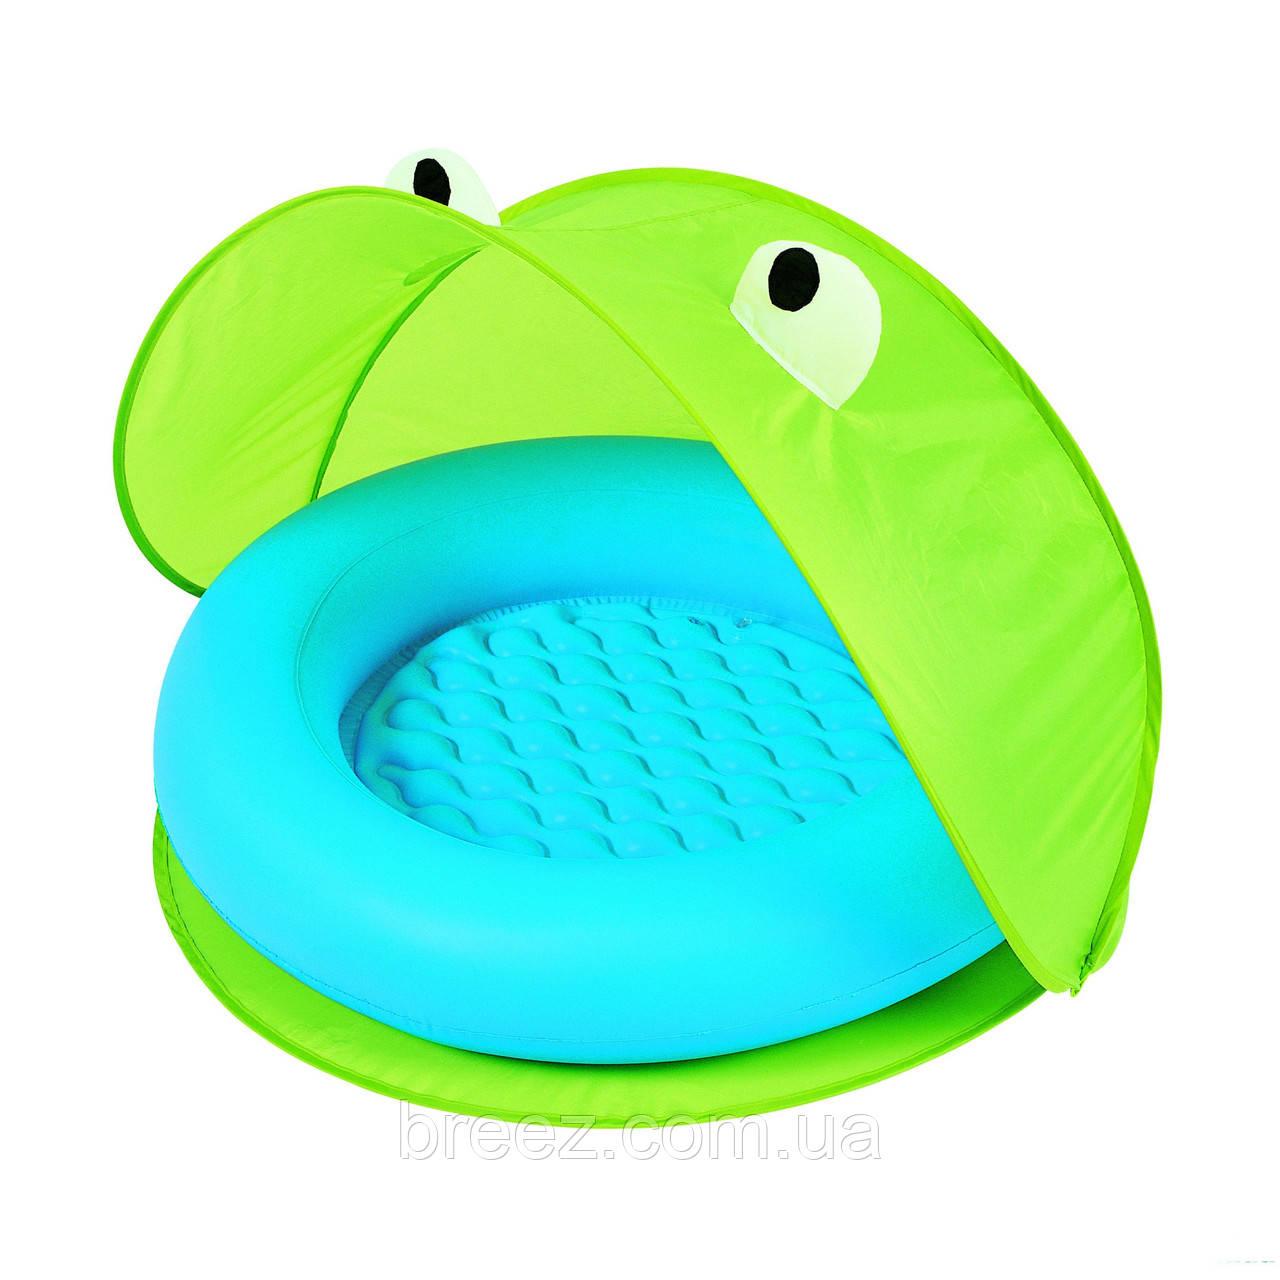 Детский надувной бассейн Bestway зеленый с навесом 97 х 97 х 74